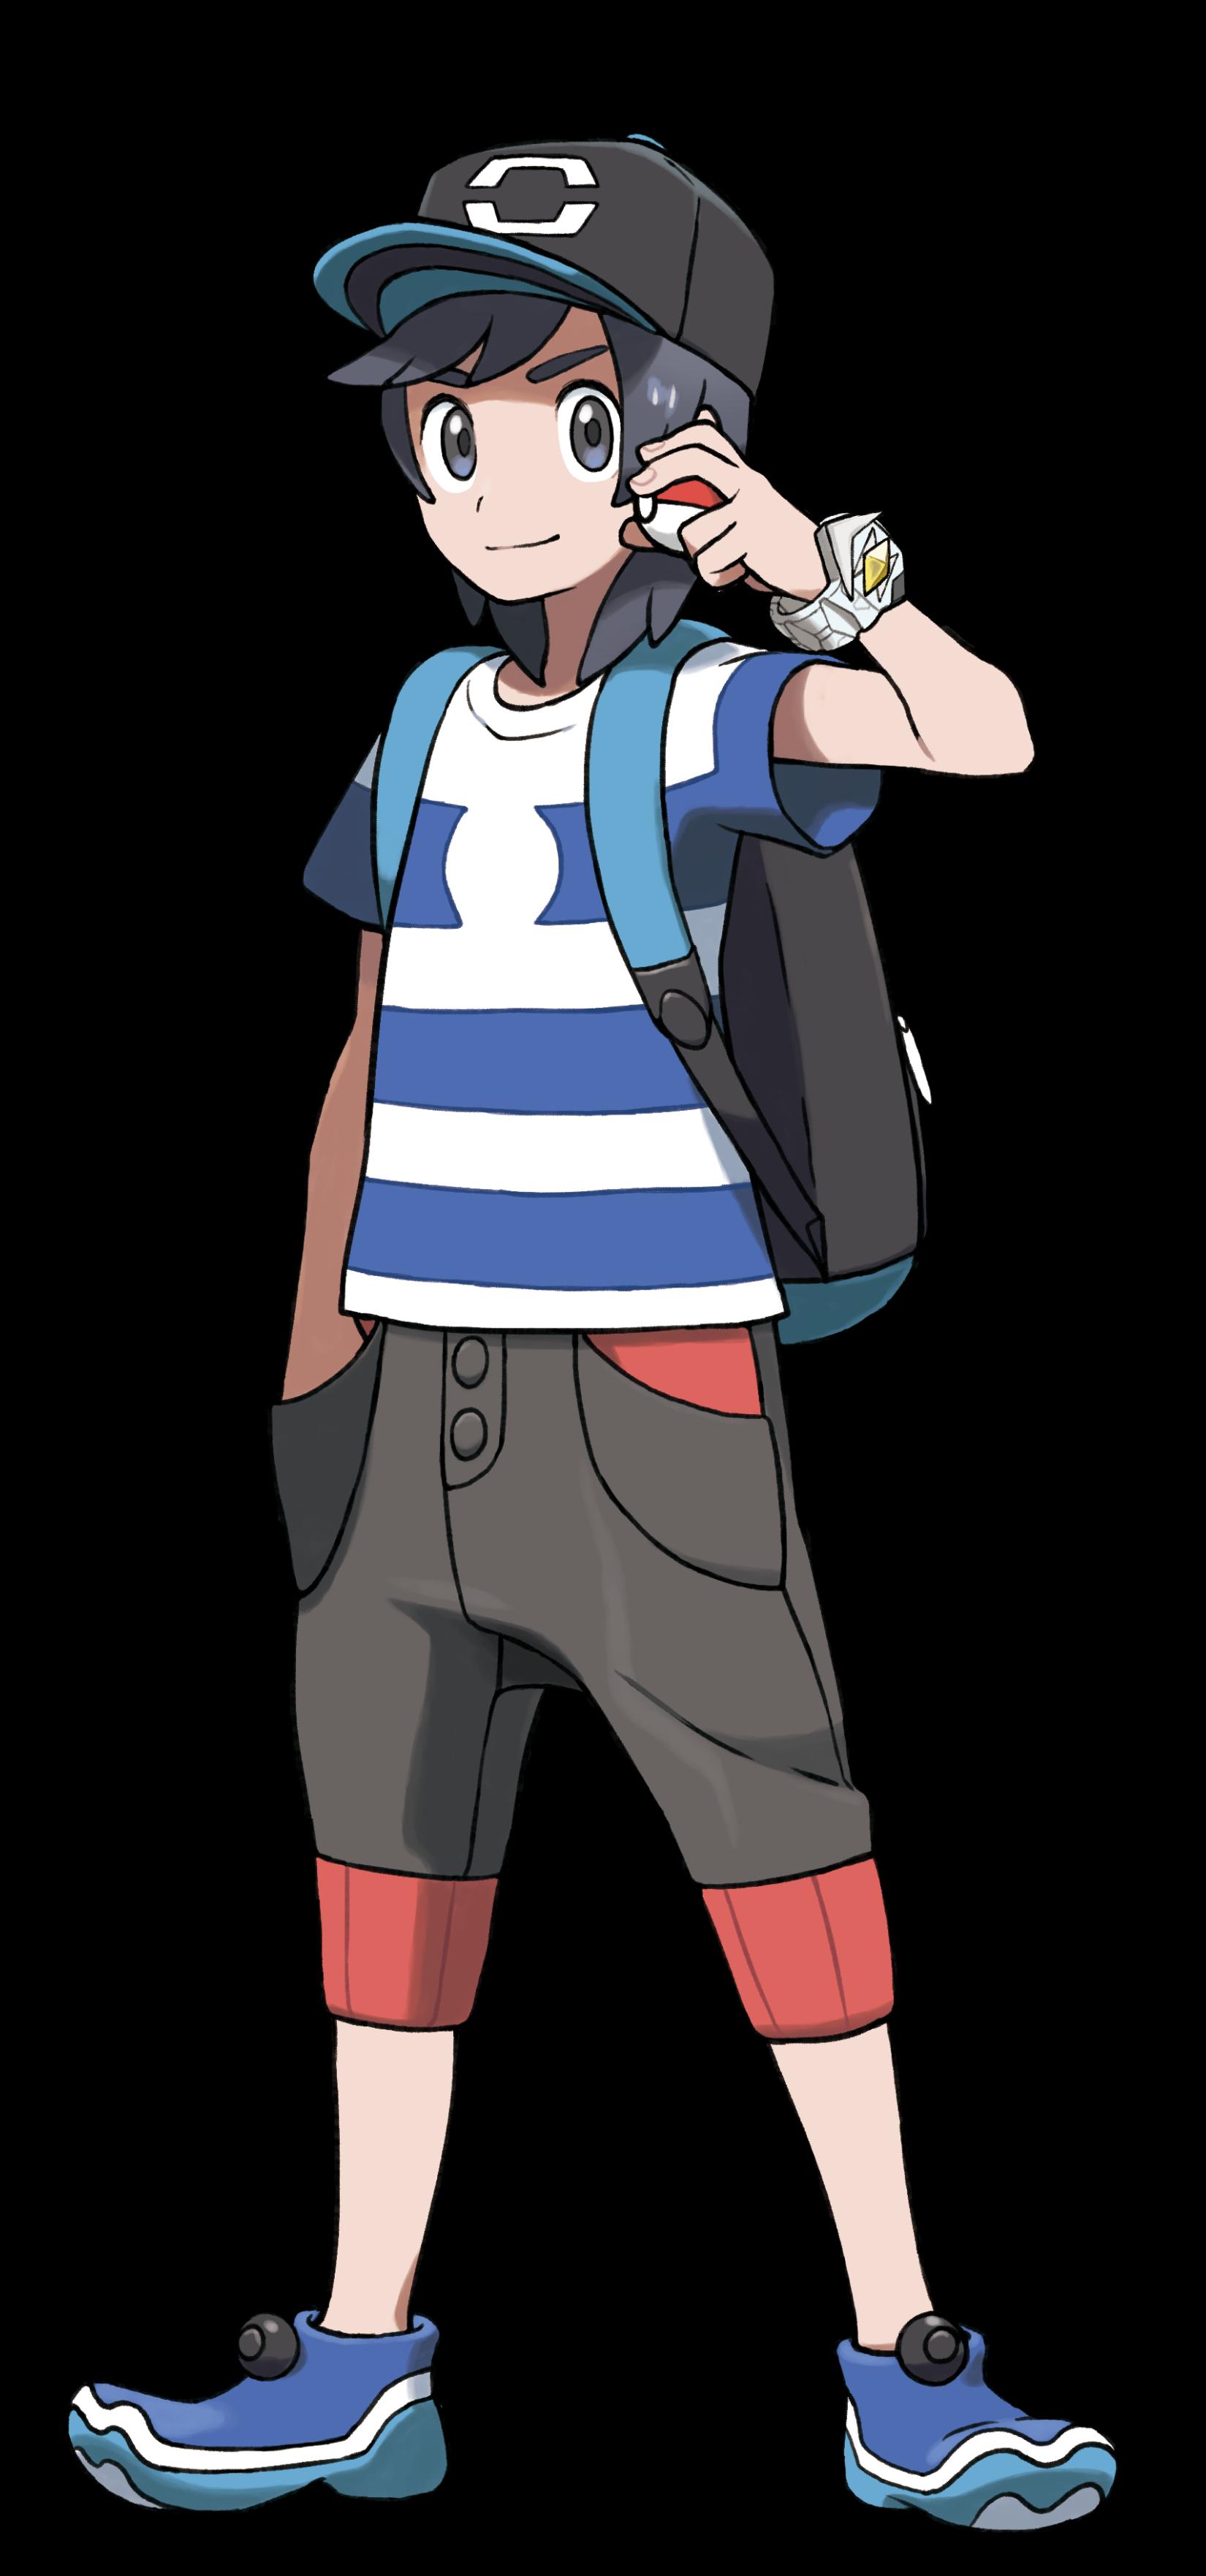 sun pokémon trainer nintendo fandom powered by wikia